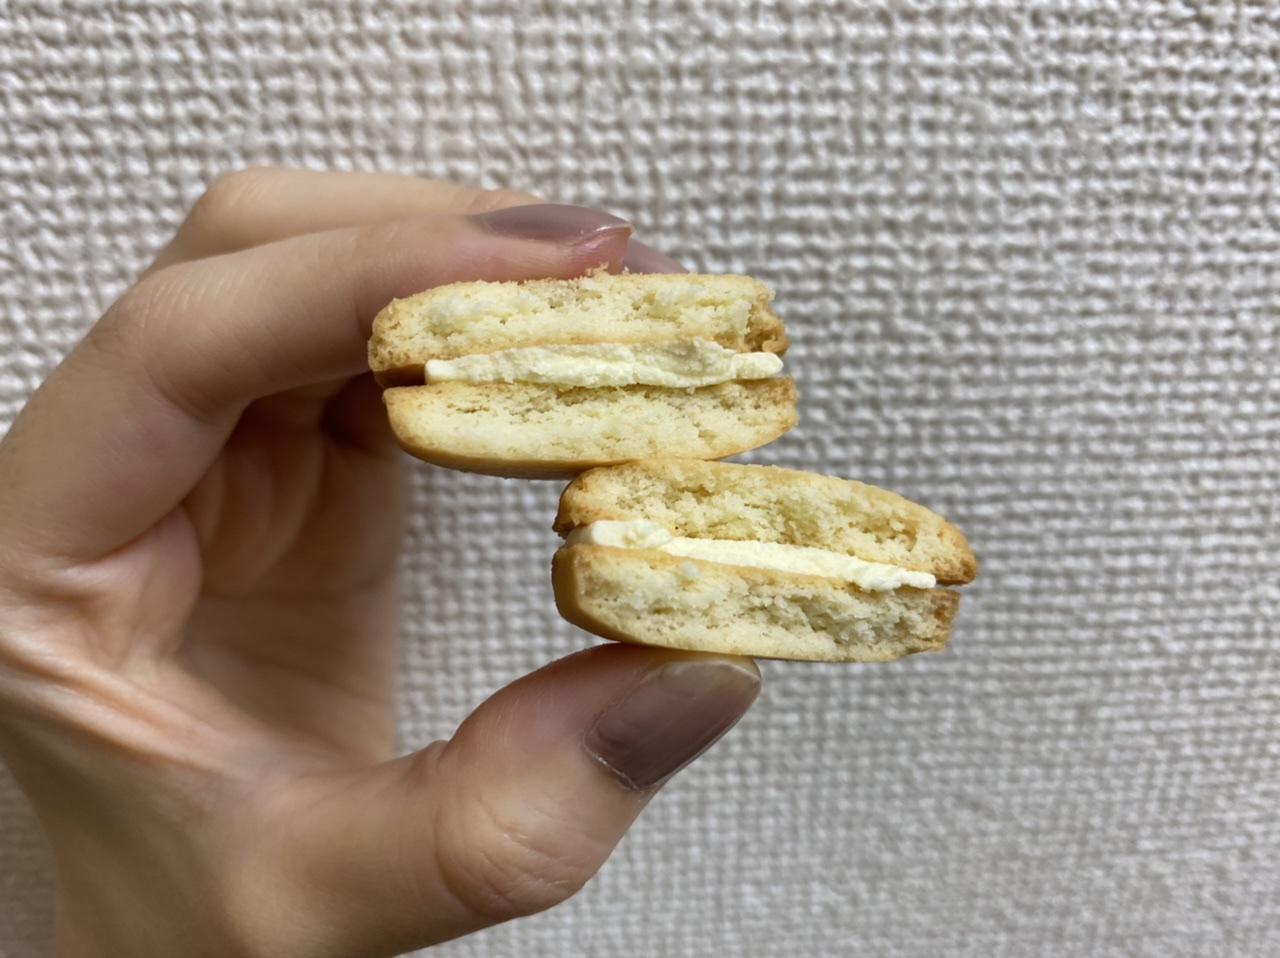 【カルディ】チーズ好きにはたまらない塩バタかまん♡_4